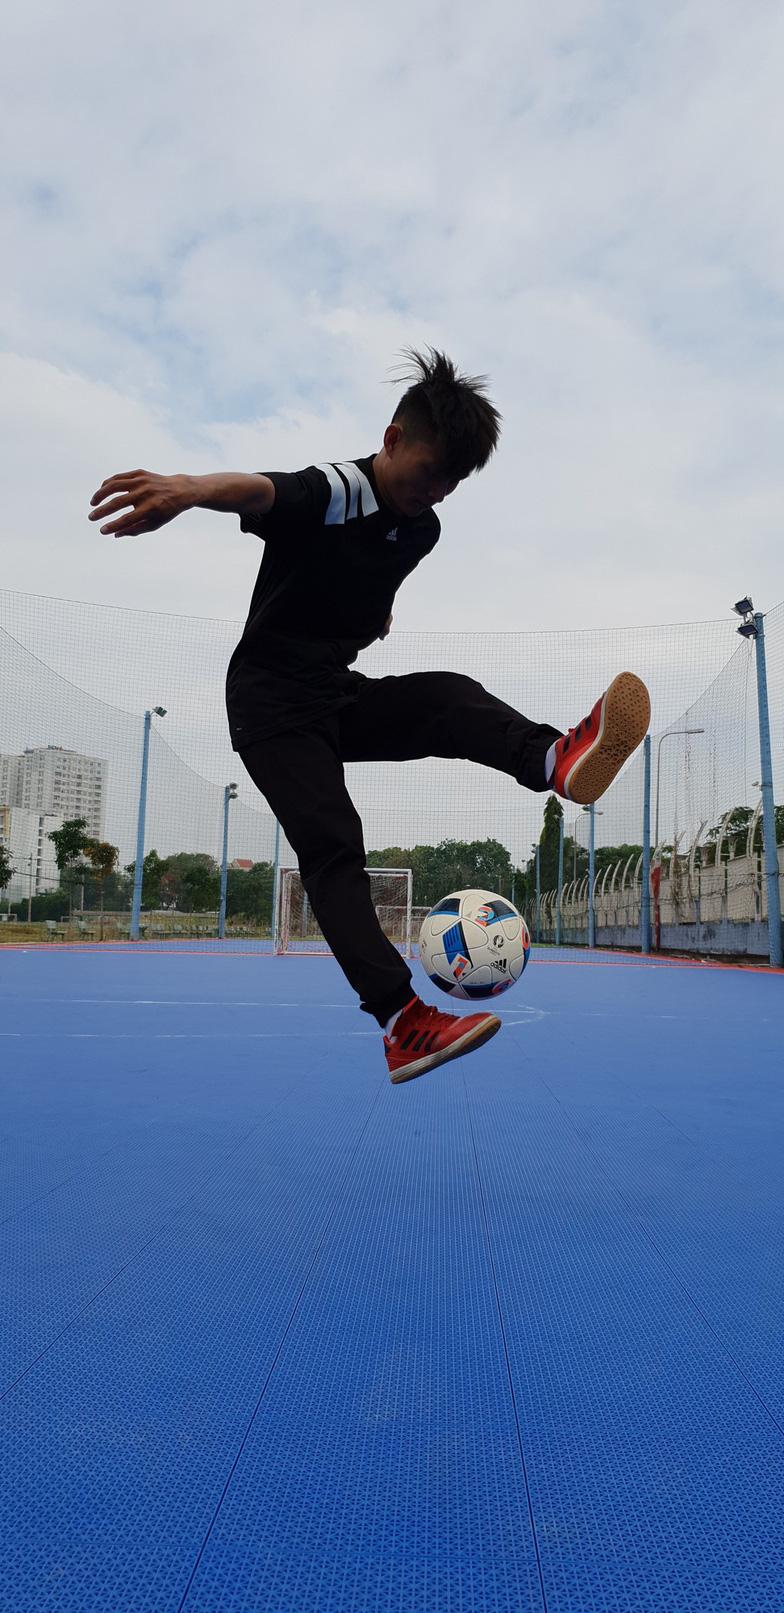 Khuấy động trào lưu lơ lửng chậm cùng freestyle football và parkour - Ảnh 1.